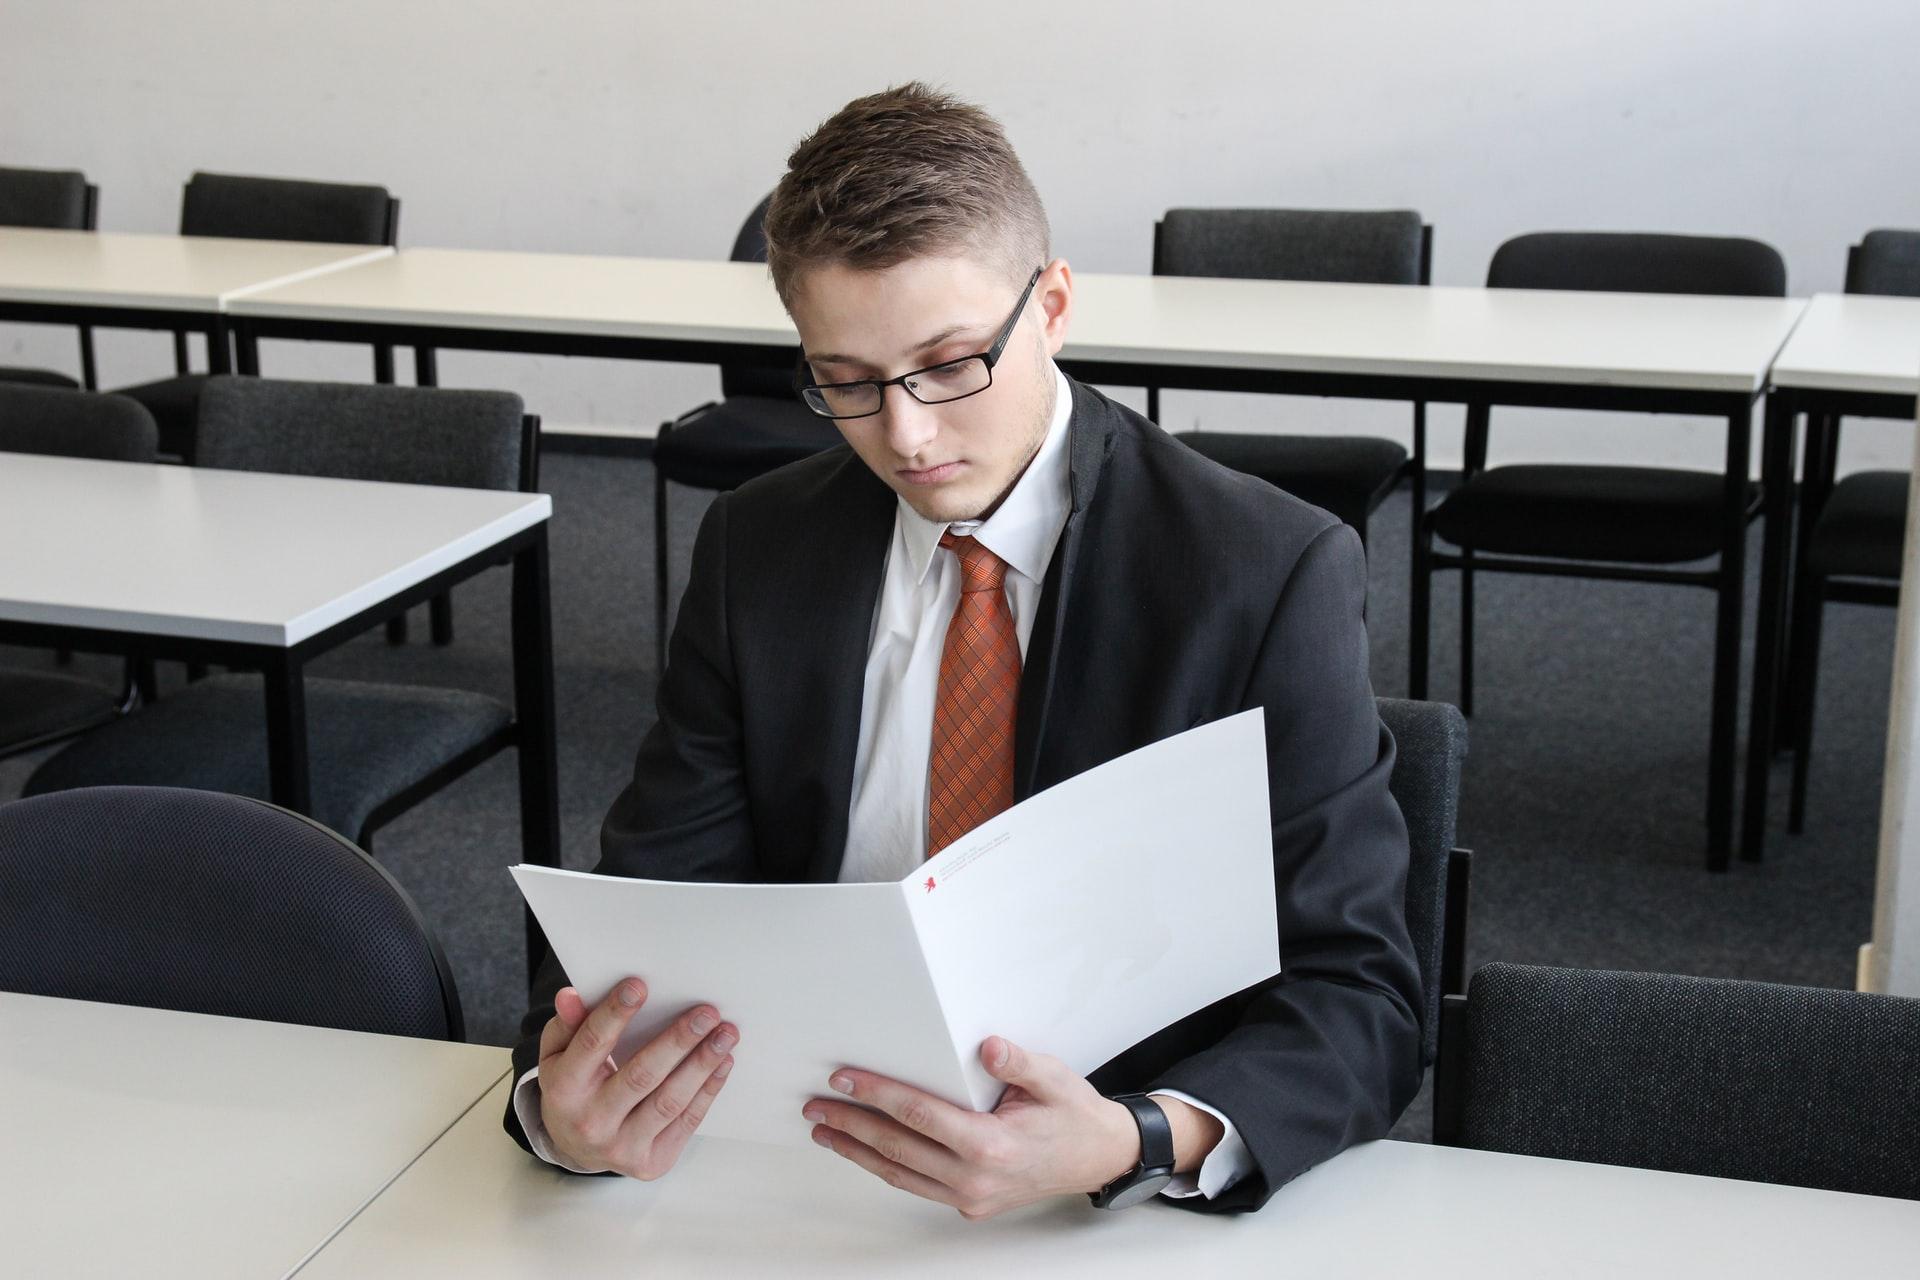 履歴書・職歴の書き方 転職の50代中年男性の転職・就職のコツ